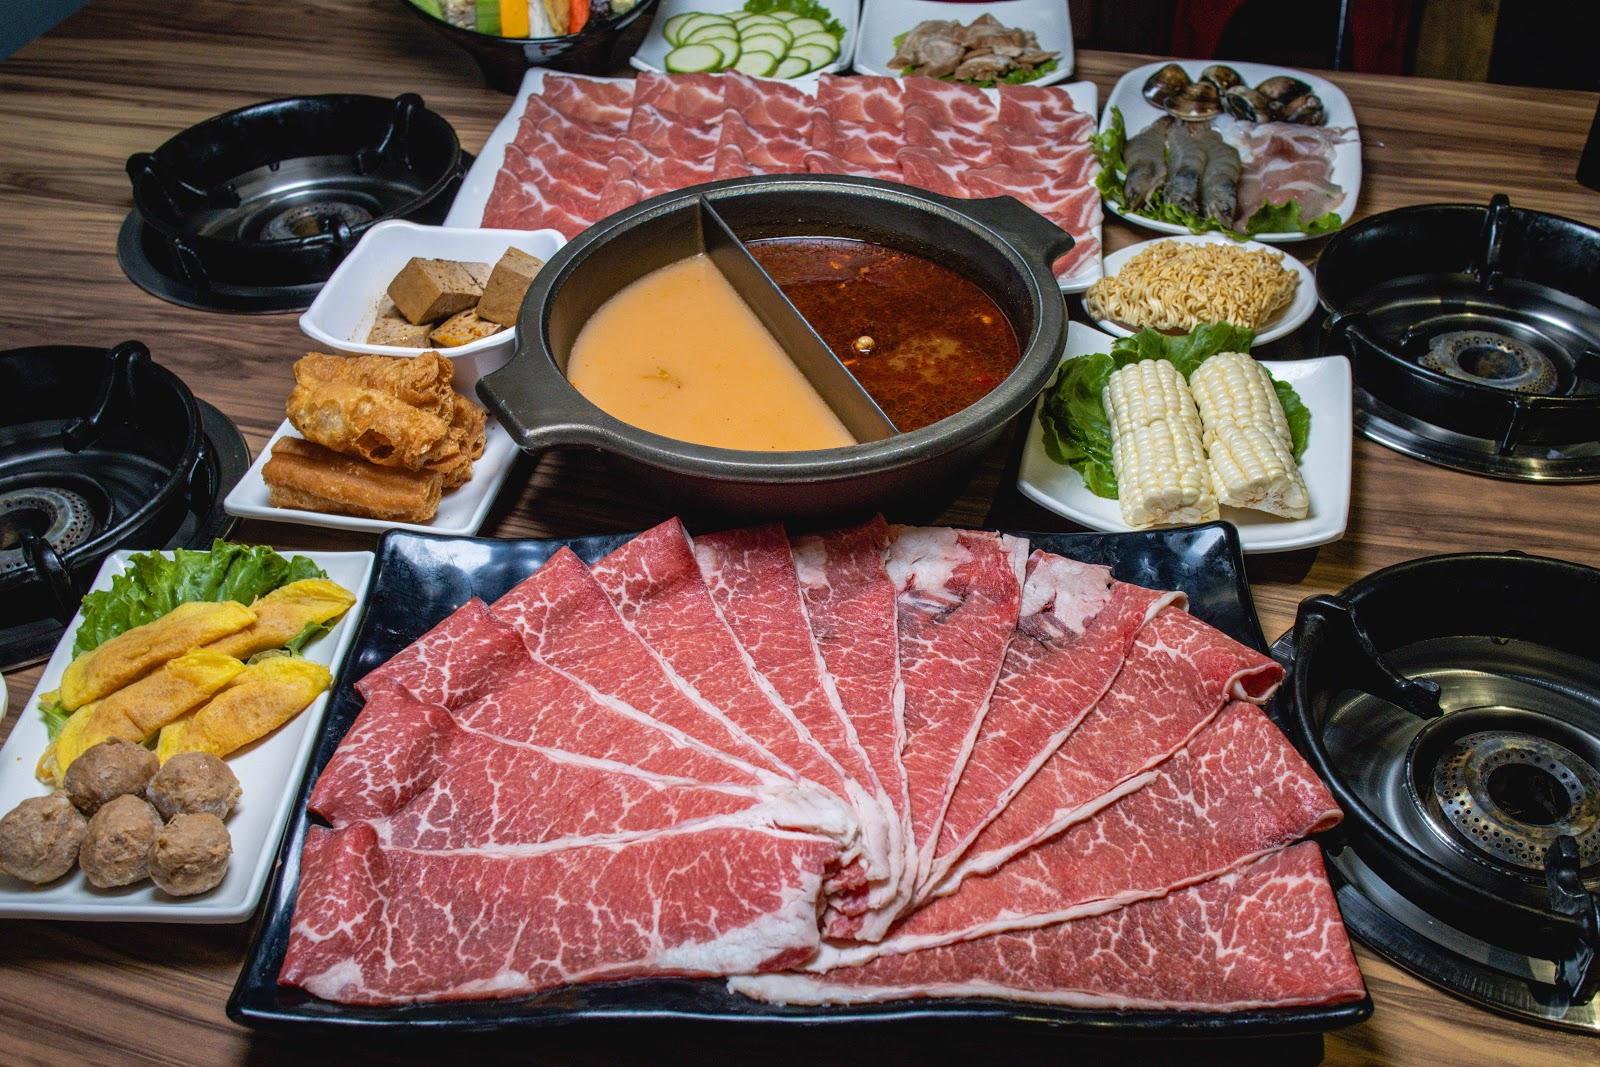 臺南鍋物【就愛這鍋】東區美食!超級大肉盤絕對可以吃好吃滿!麻辣,泡菜多種湯頭絕對可以滿足每個人的喜好!